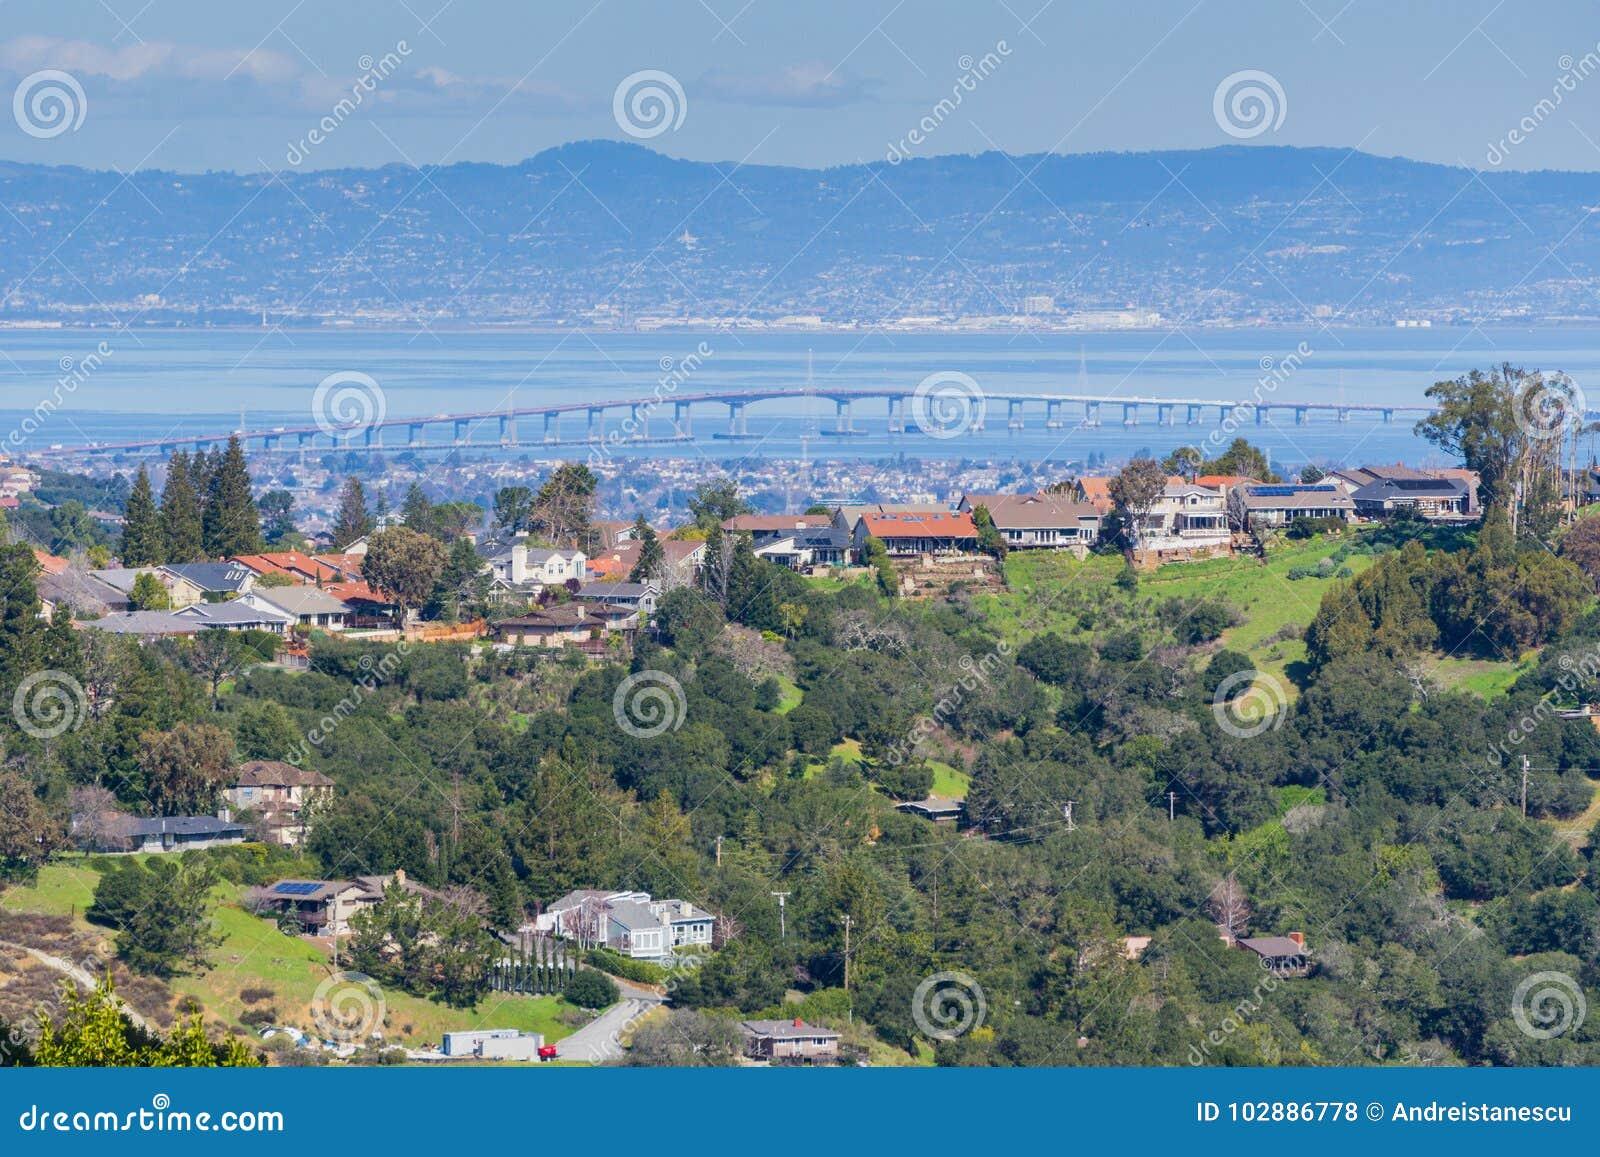 Жилой район на холмах полуострова Сан-Франциско, моста Кремниевой долины, San Mateo на заднем плане, Калифорния